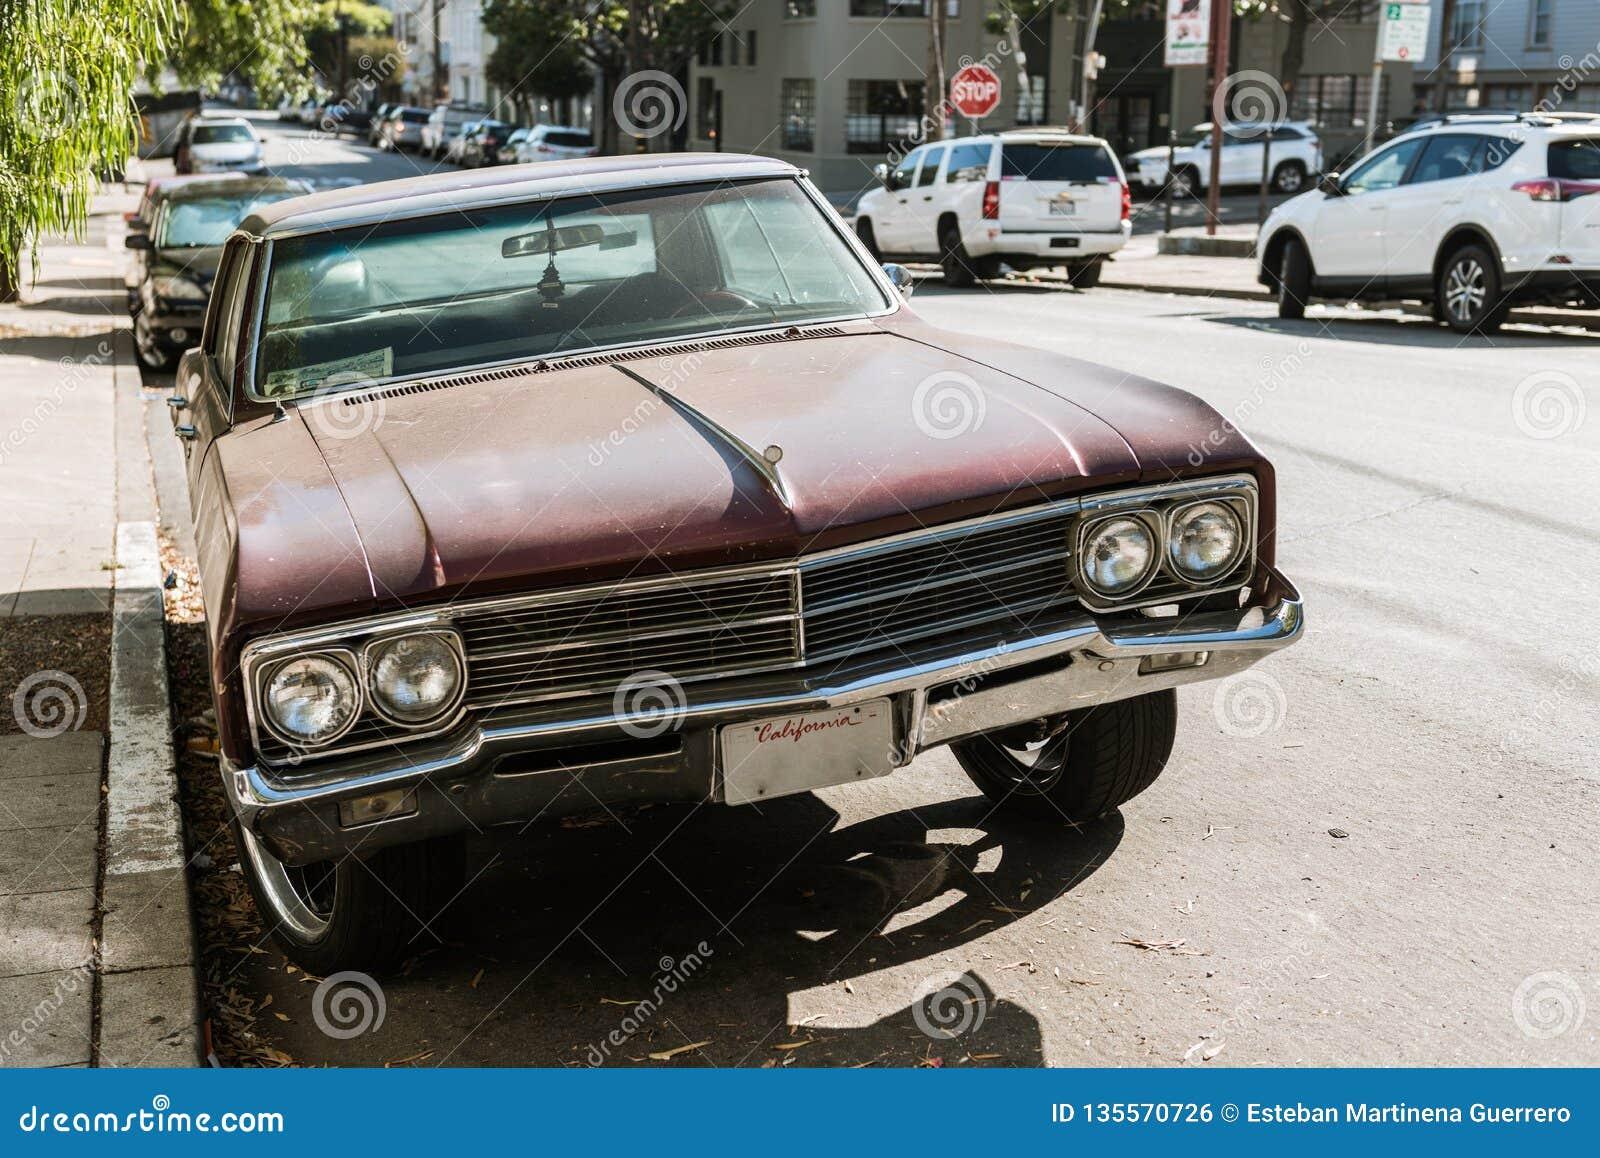 Деталь фронта классического автомобиля на улице в Сан-Франциско, Калифорния, США